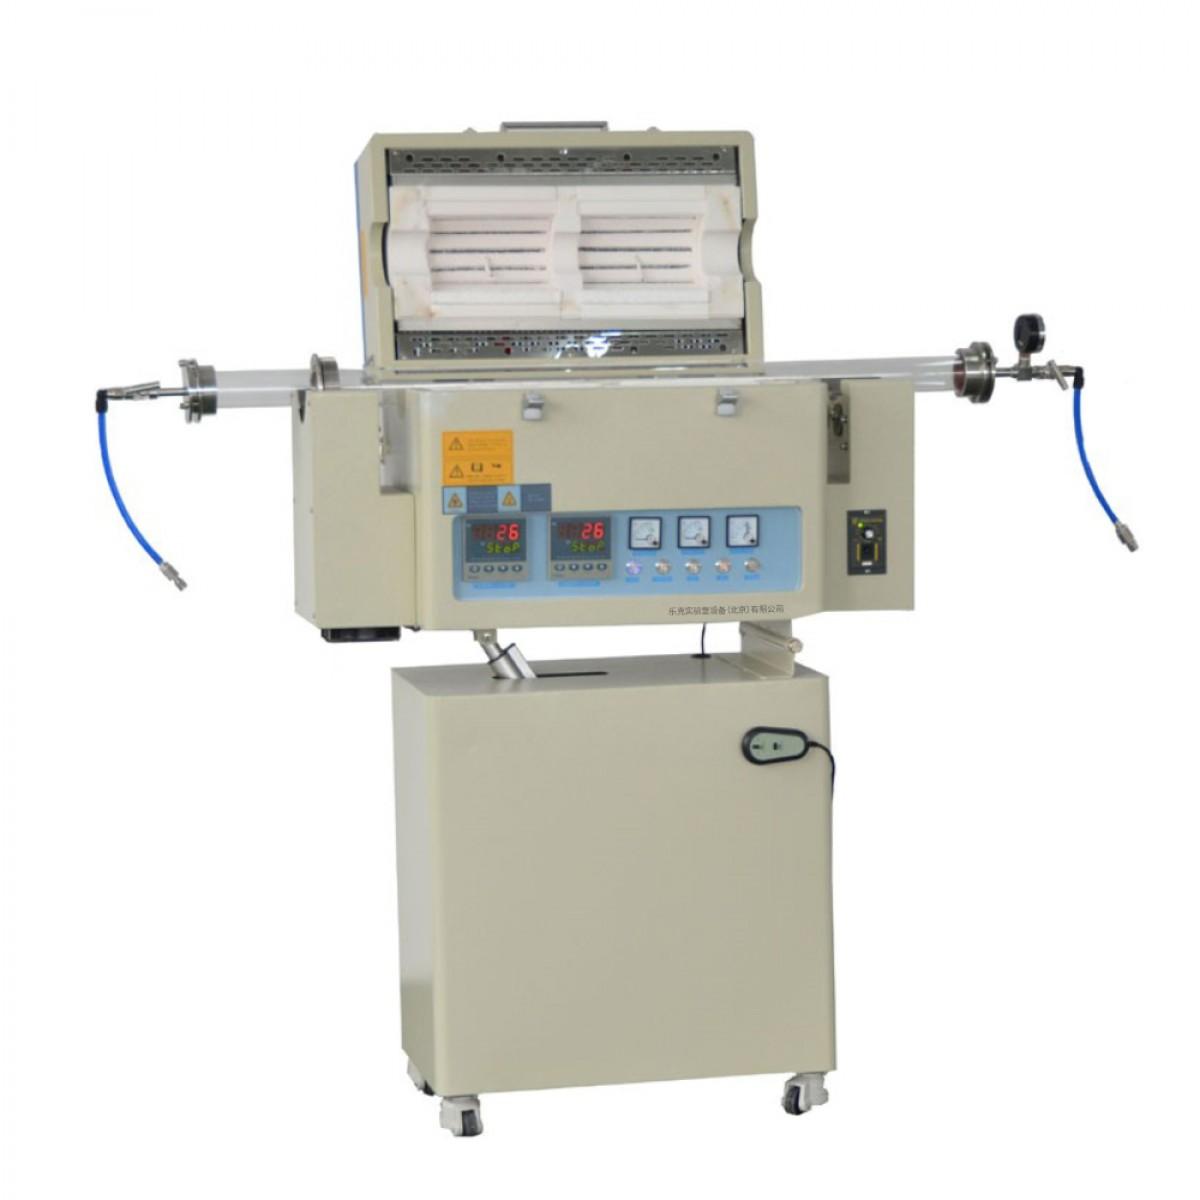 乐克严选 LEKOC RTL1200-1200双温区转动管式炉